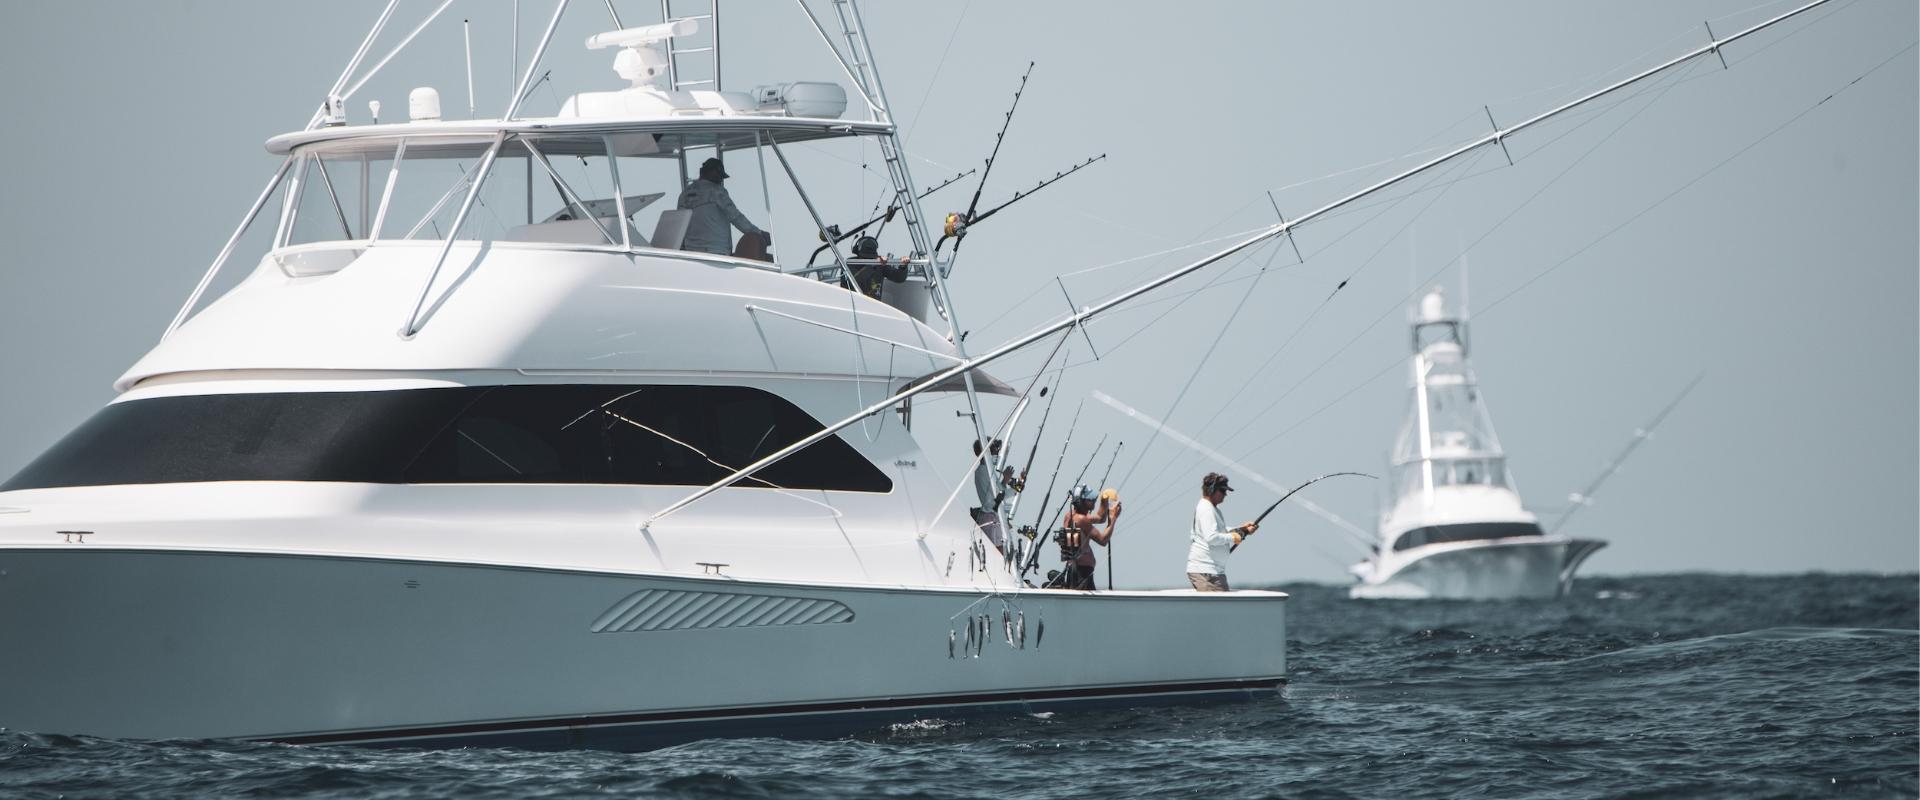 Florida Sailfish Cup